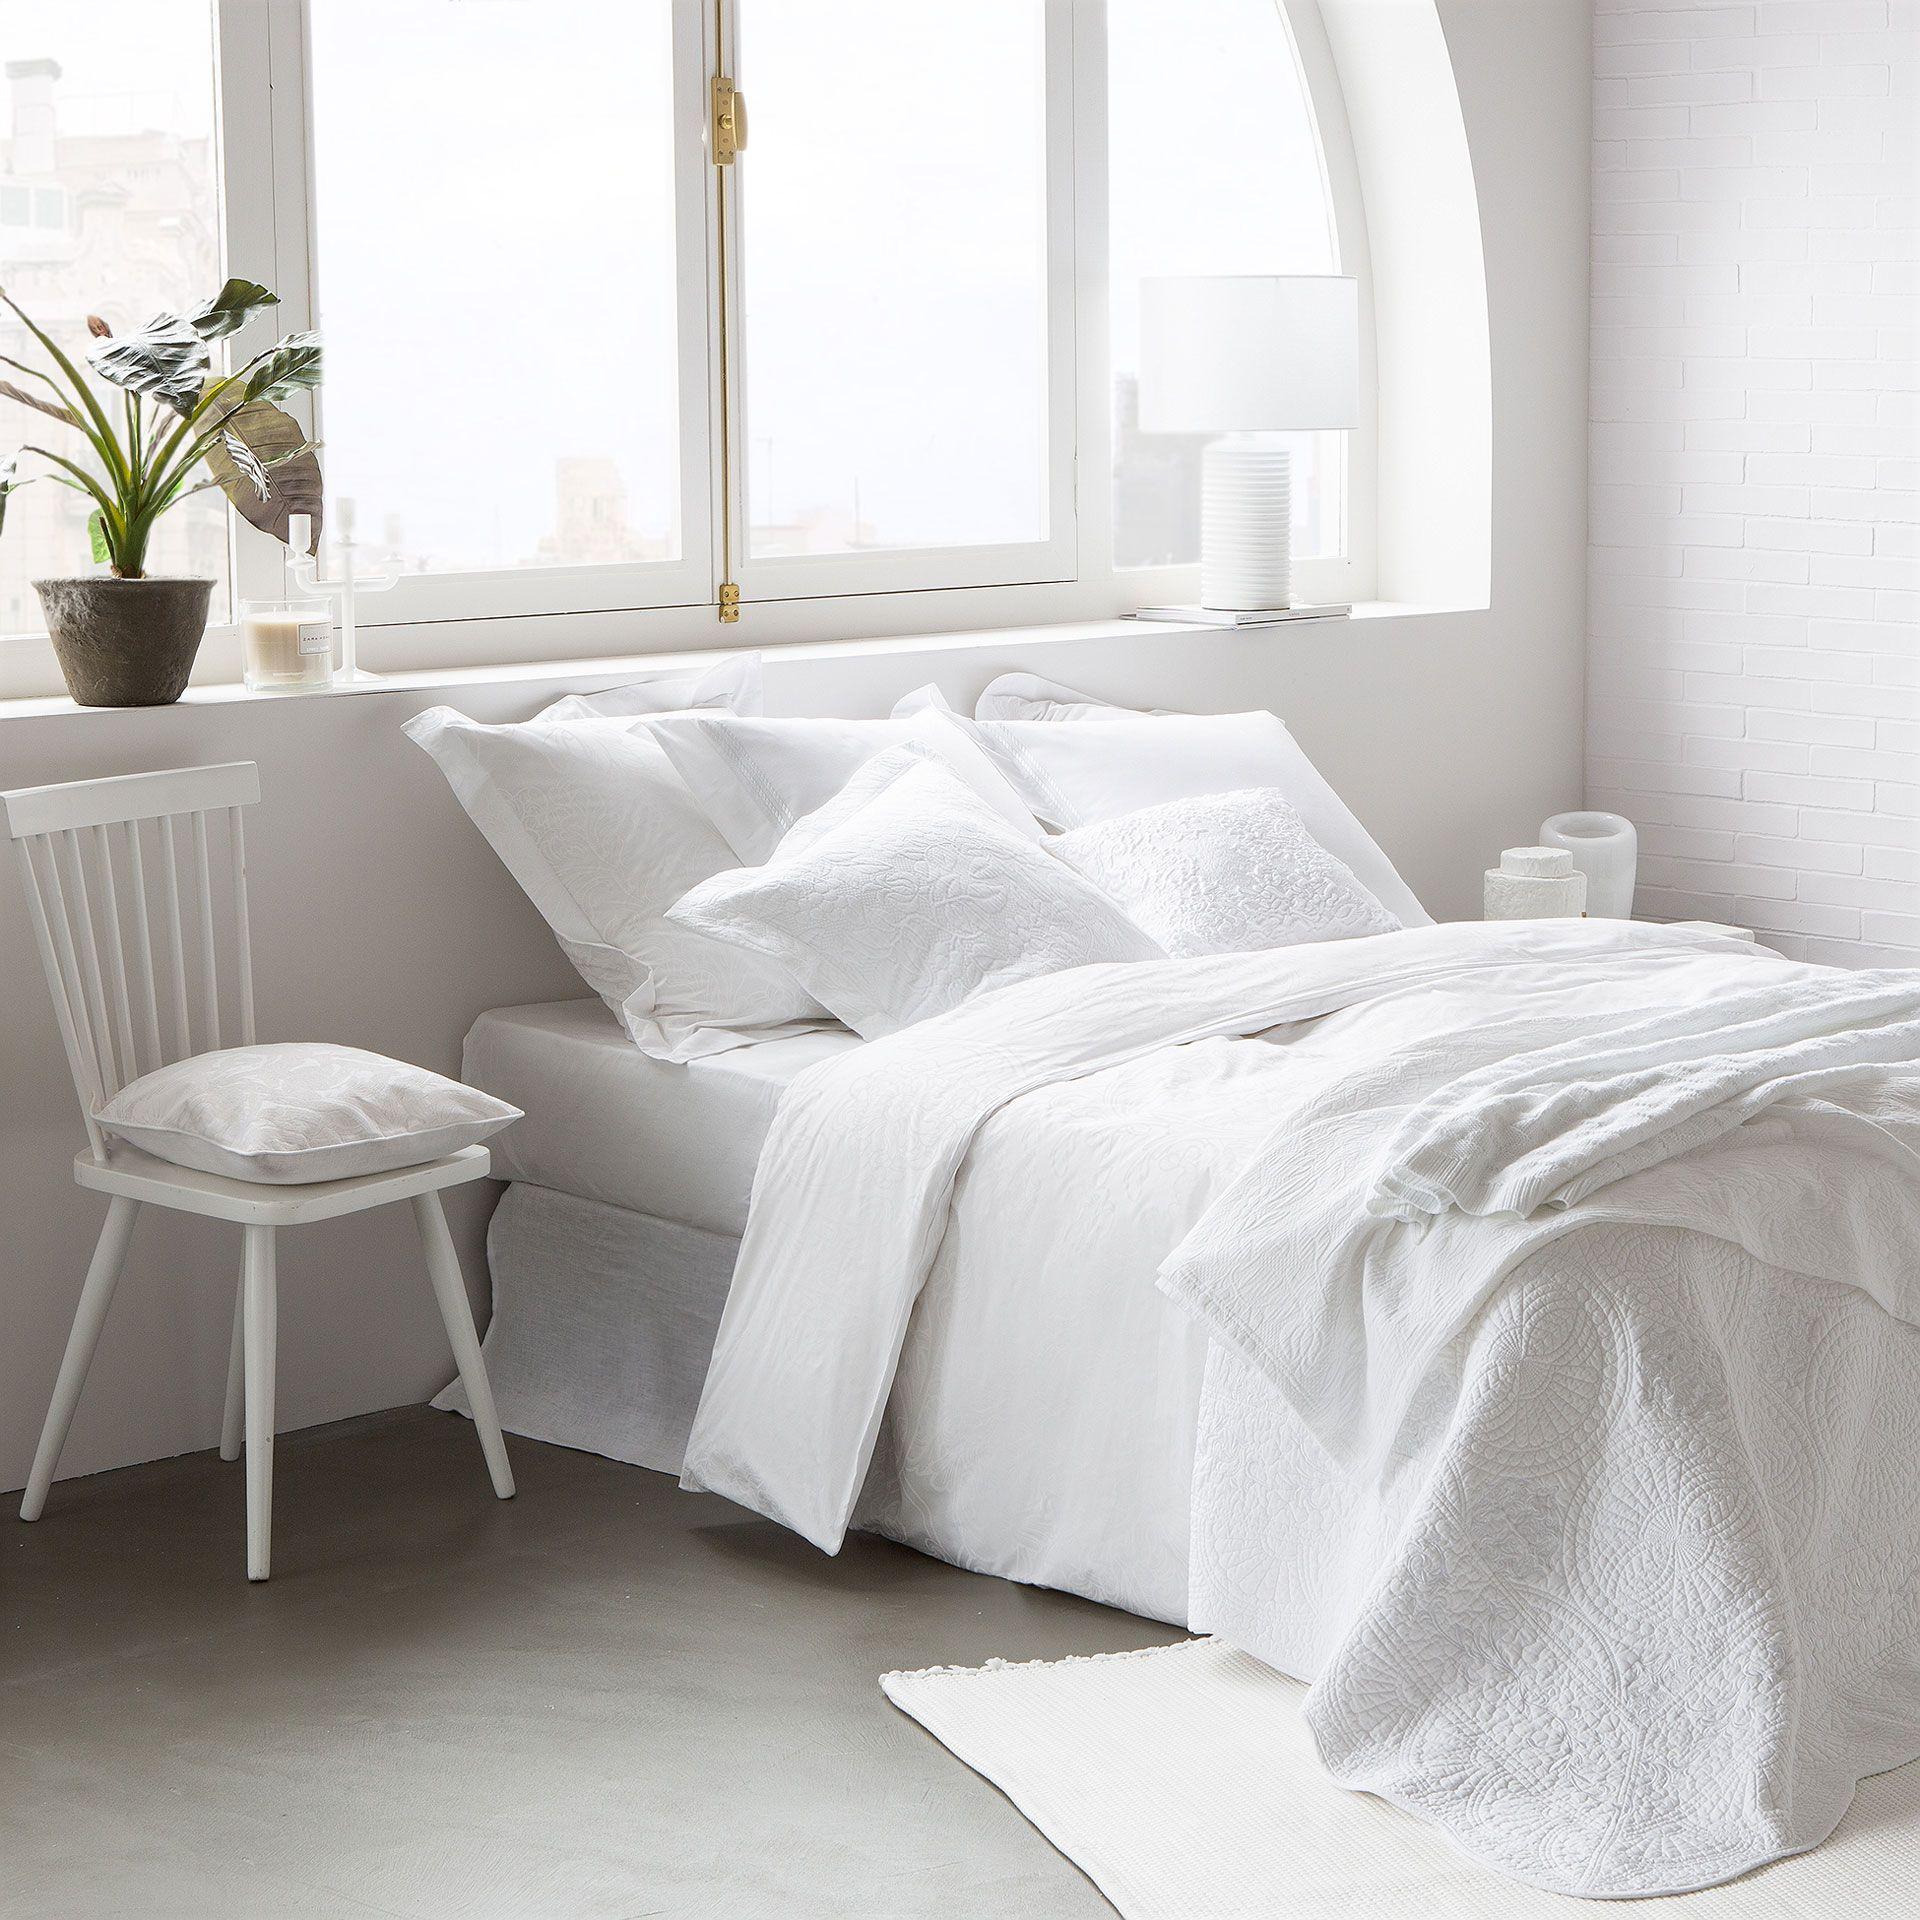 bettw sche mit blumenmuster linen bedroom linen bedding and bed linen. Black Bedroom Furniture Sets. Home Design Ideas